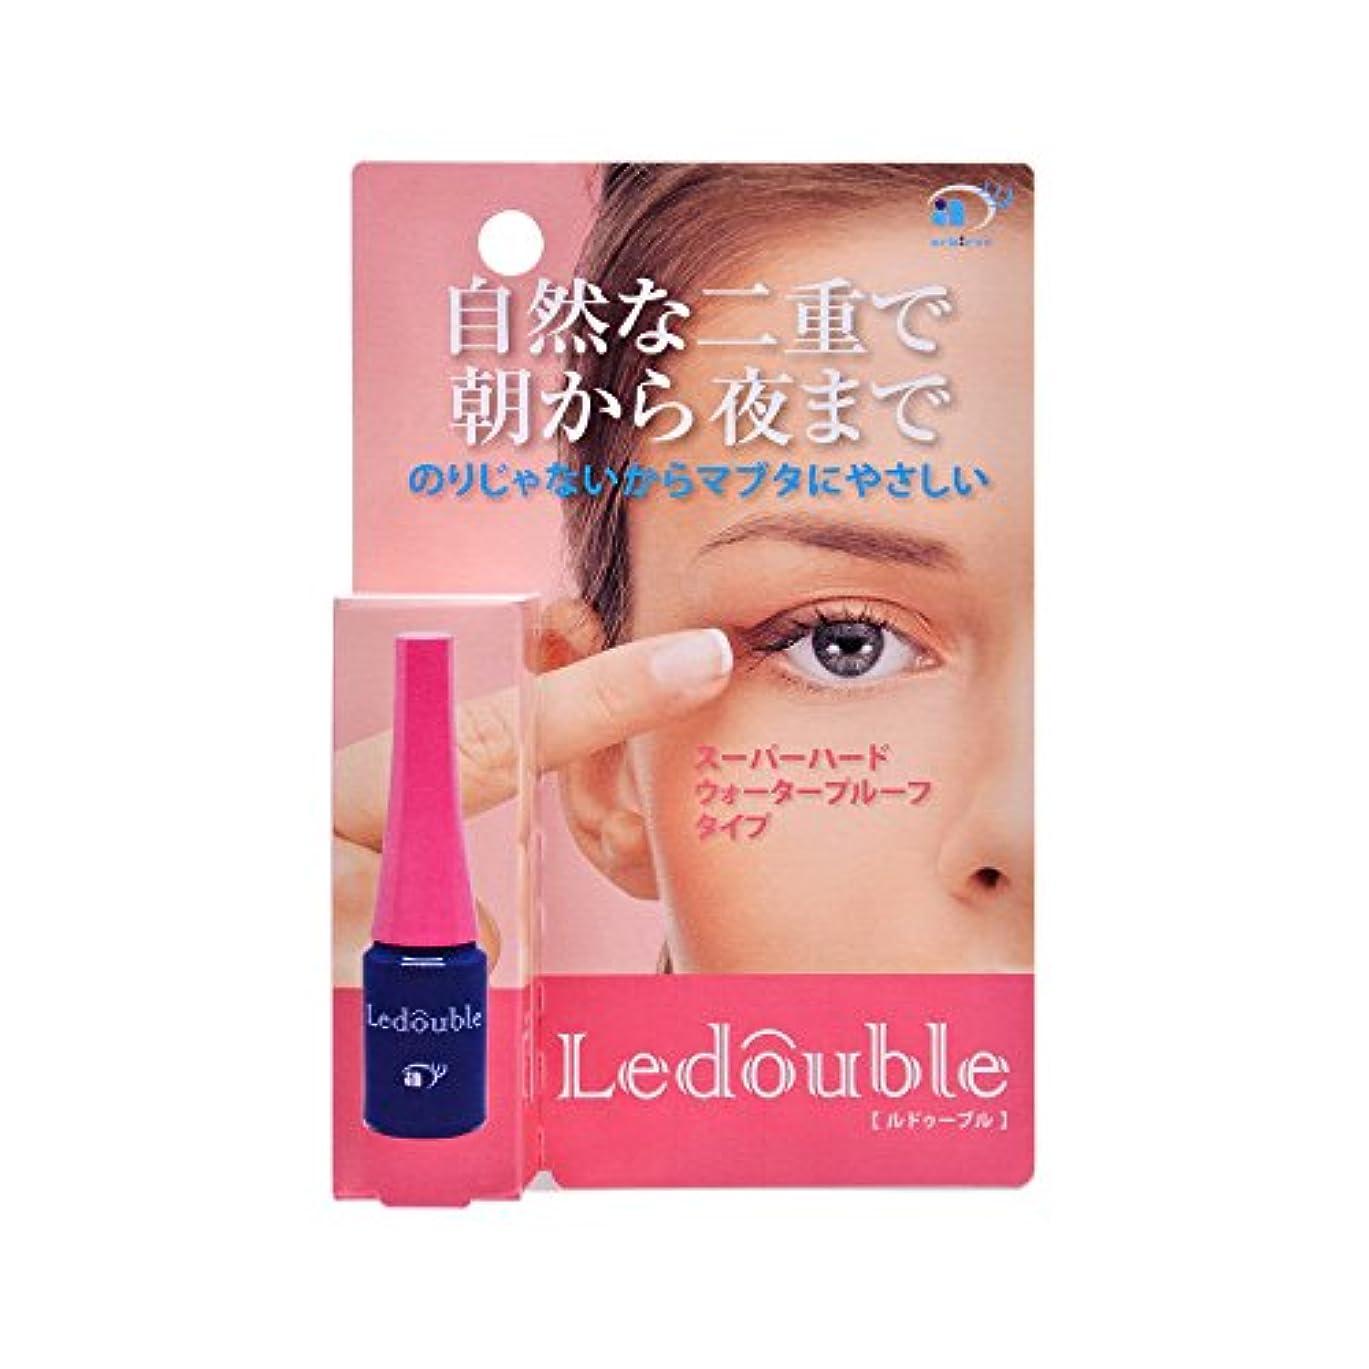 遮る残り物裏切り者Ledouble [ルドゥーブル] 二重まぶた化粧品 (2mL)